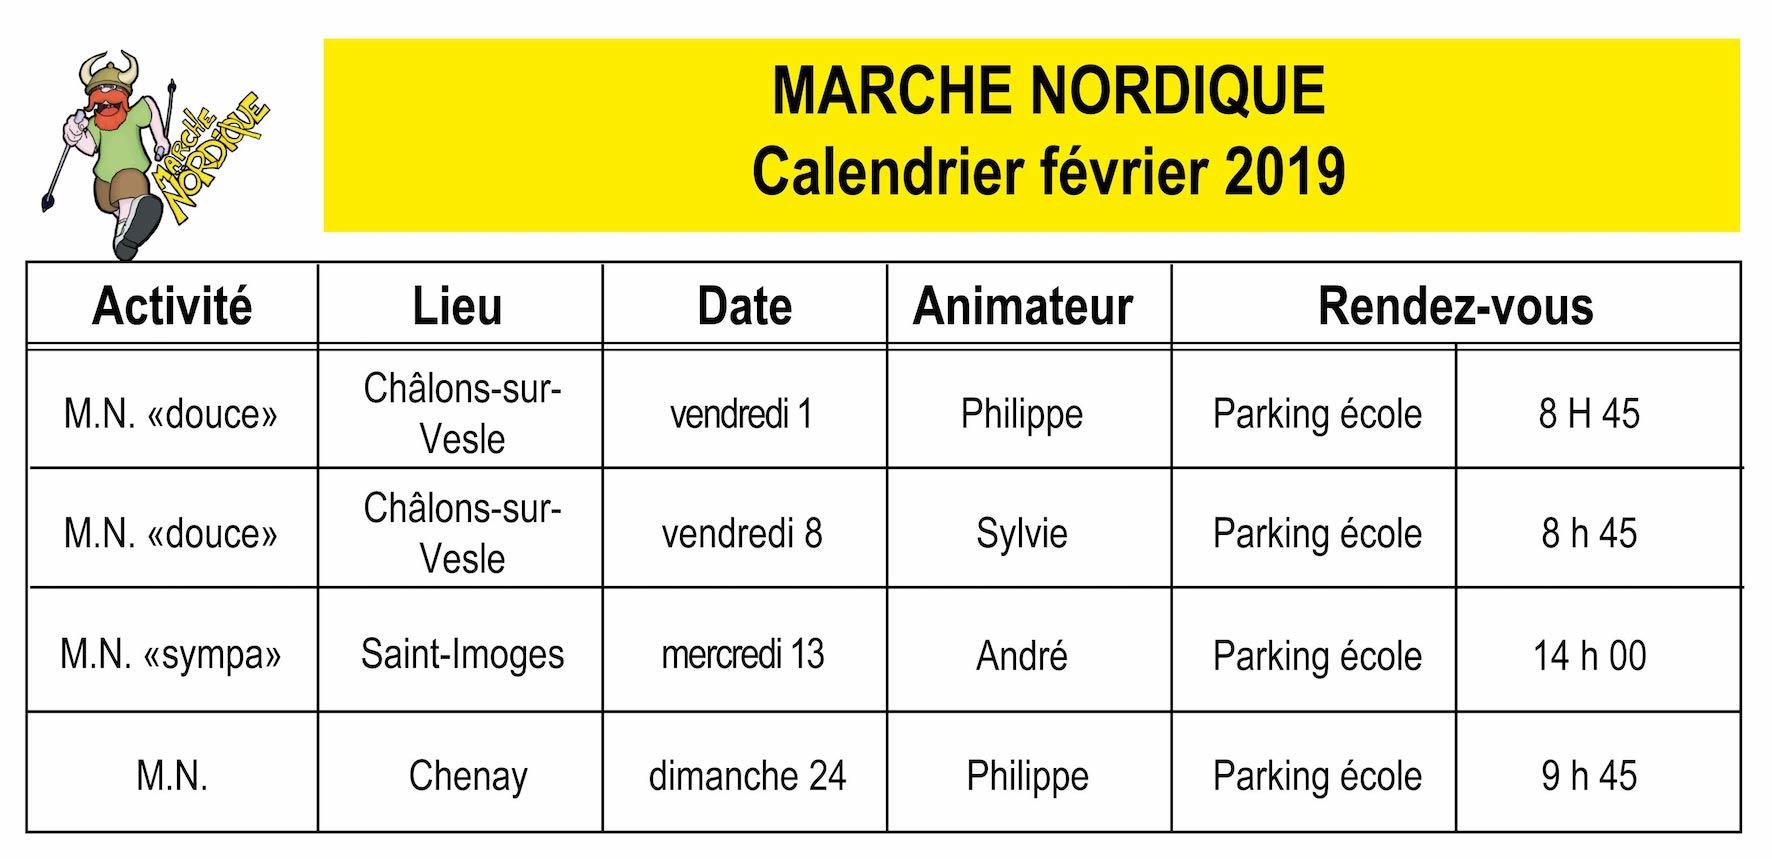 Fevrier Calendrier.Le Calendrier Des Marches Nordiques Du Mois De Fevrier 2019